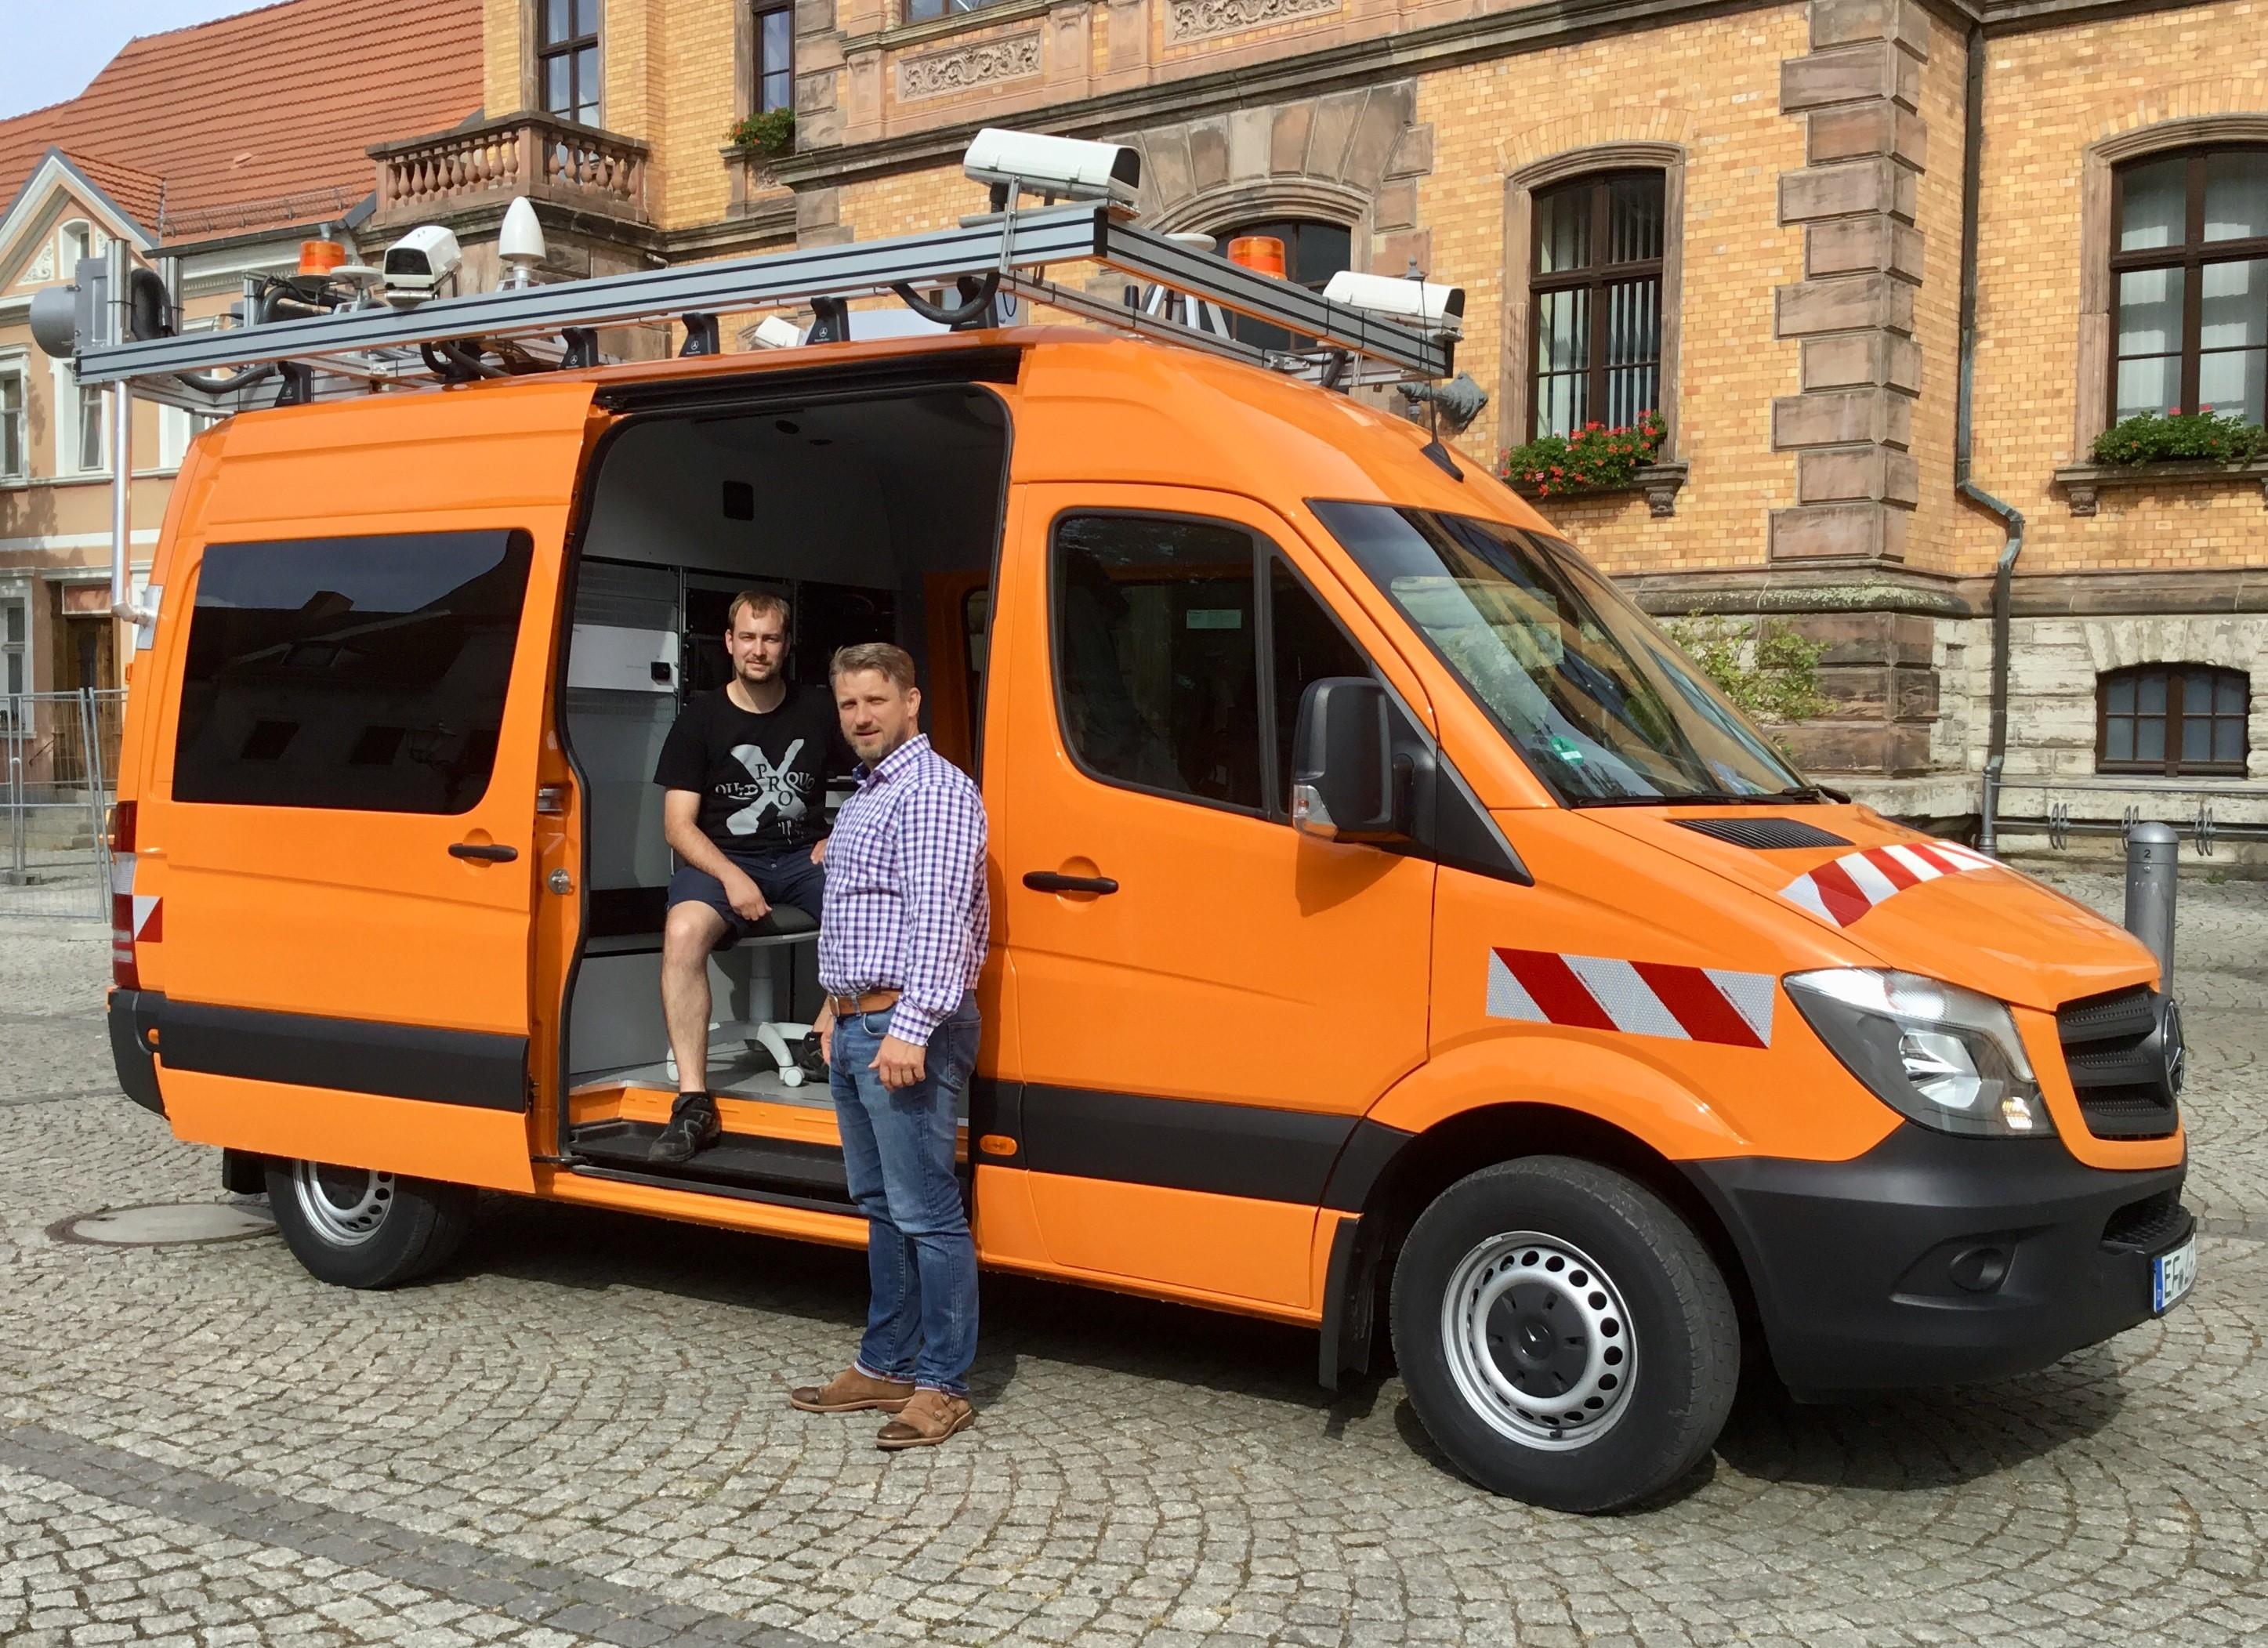 Frank Berthold, Messingenieur der Firma Lehmann + Partner GmbH, im Gespräch mit Calbes Bürgermeister Sven Hause, wird diese Woche ca. 180 km auf den Straßen in Calbe unterwegs sein und die Straßenzustände elektronisch erfassen.